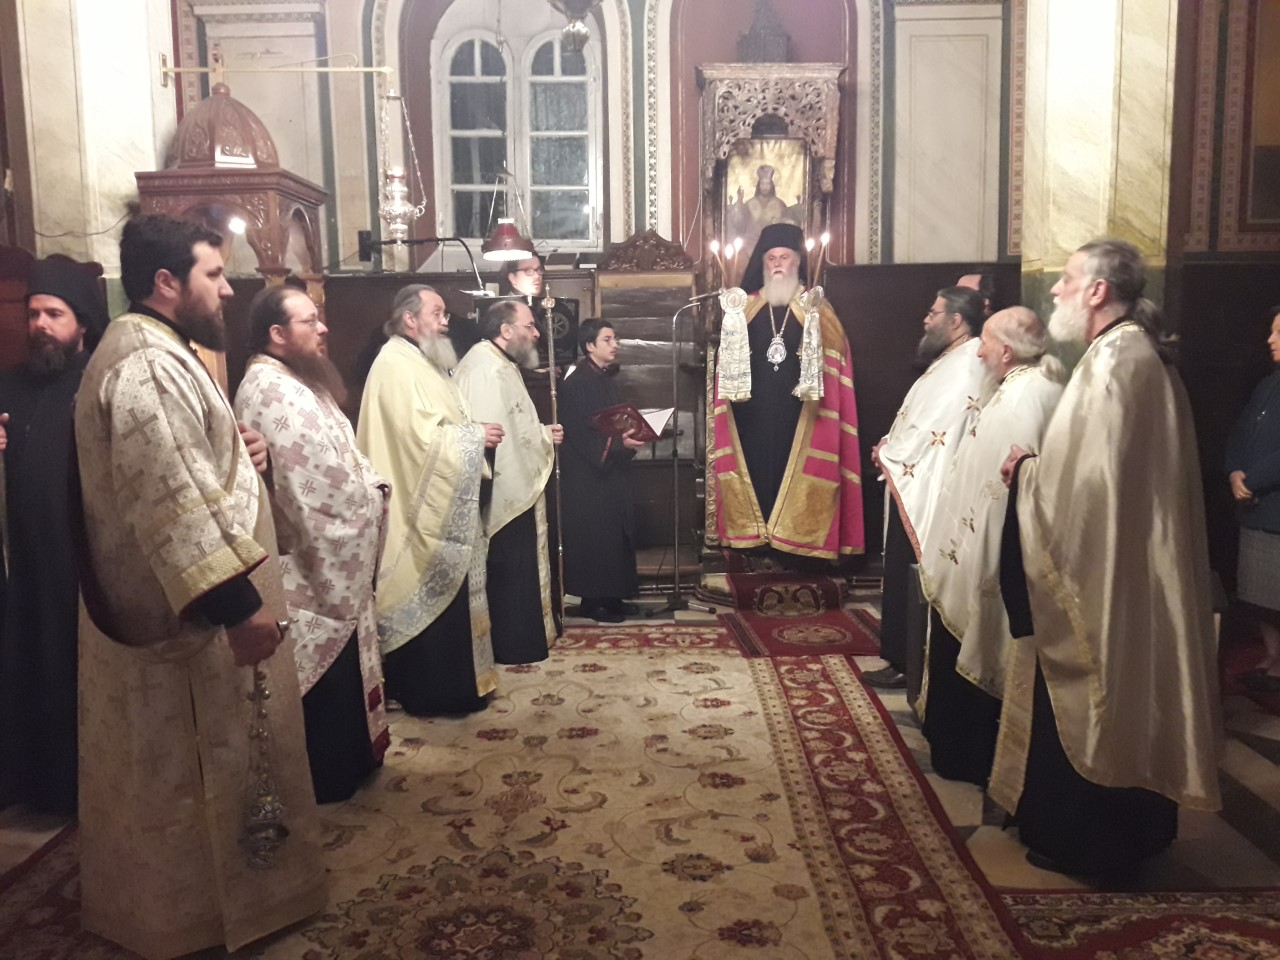 Η Ιερά Μονή Ταξιαρχών Αιγιαλείας «ανθίζει». Δεύτερη κουρά μοναχού μέσα στο 2021.